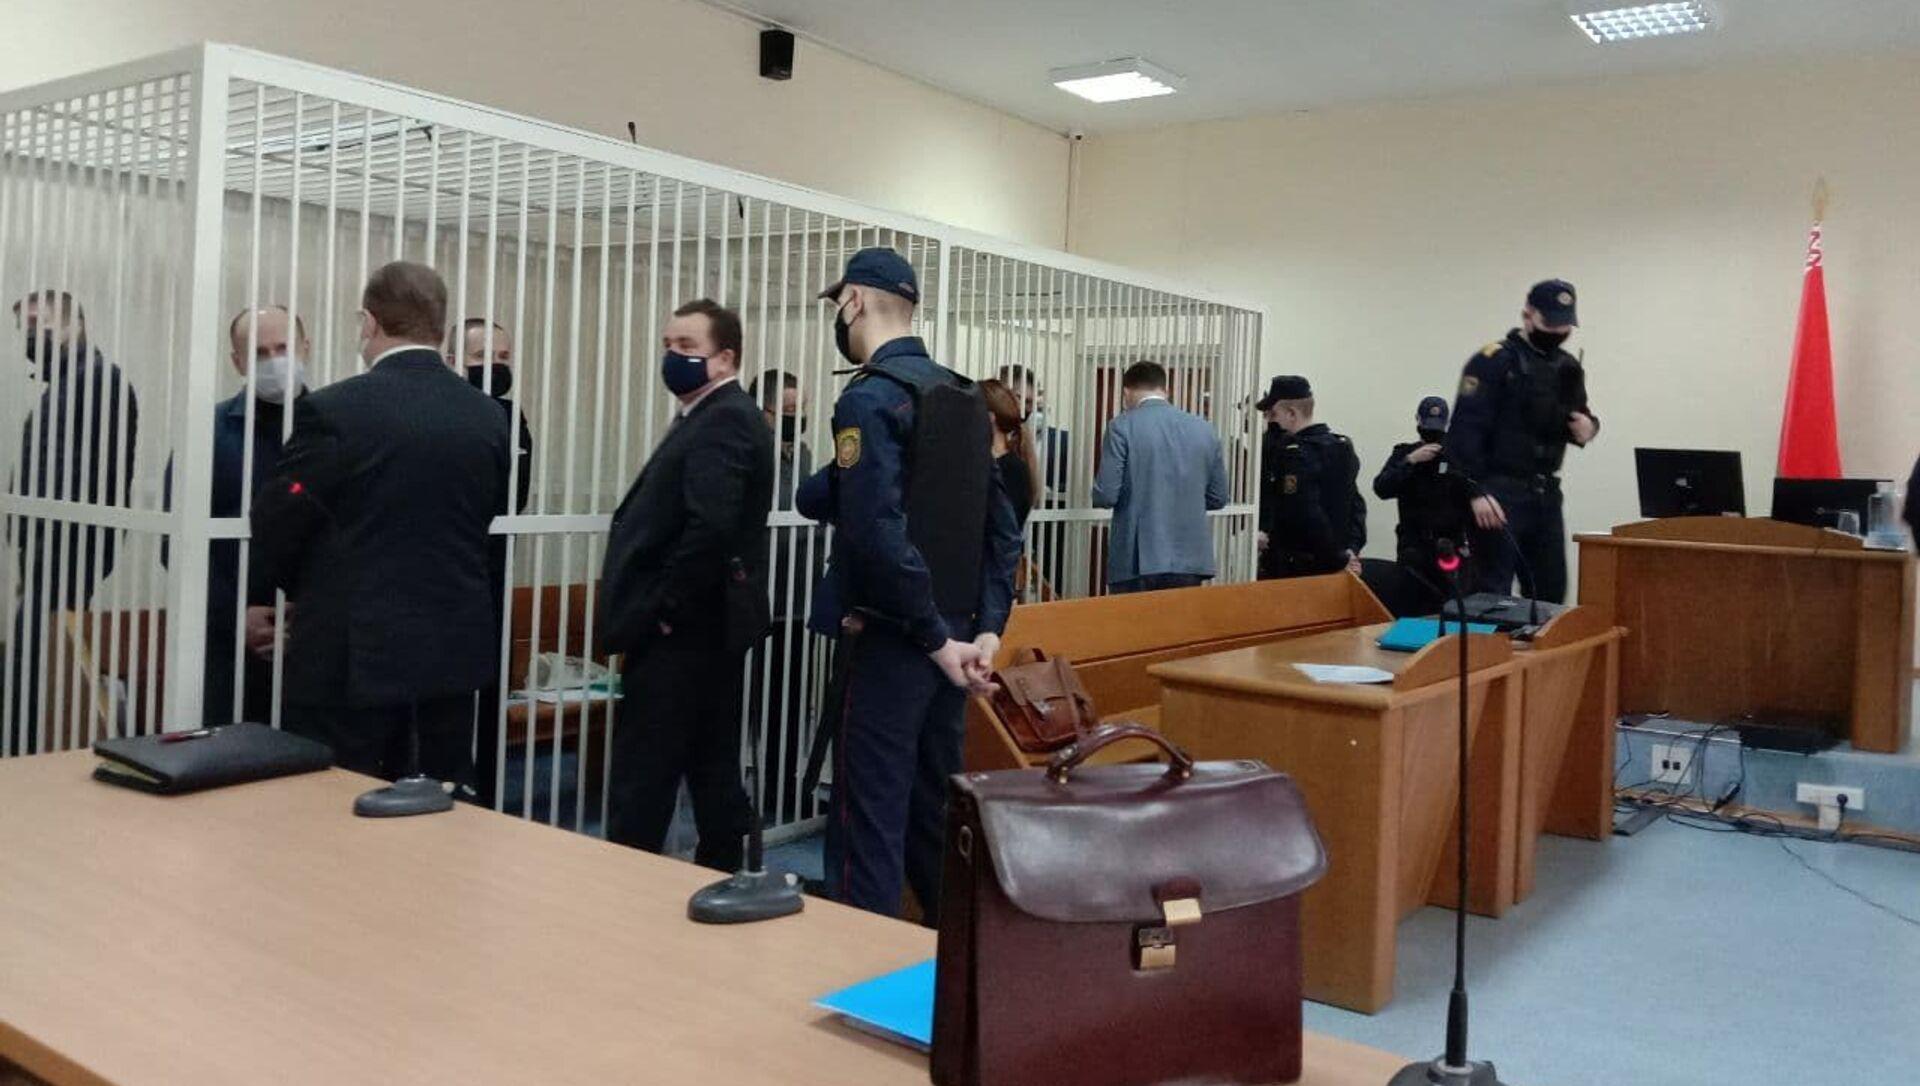 Четвертый день суда над Виктором Бабарико - Sputnik Беларусь, 1920, 22.02.2021